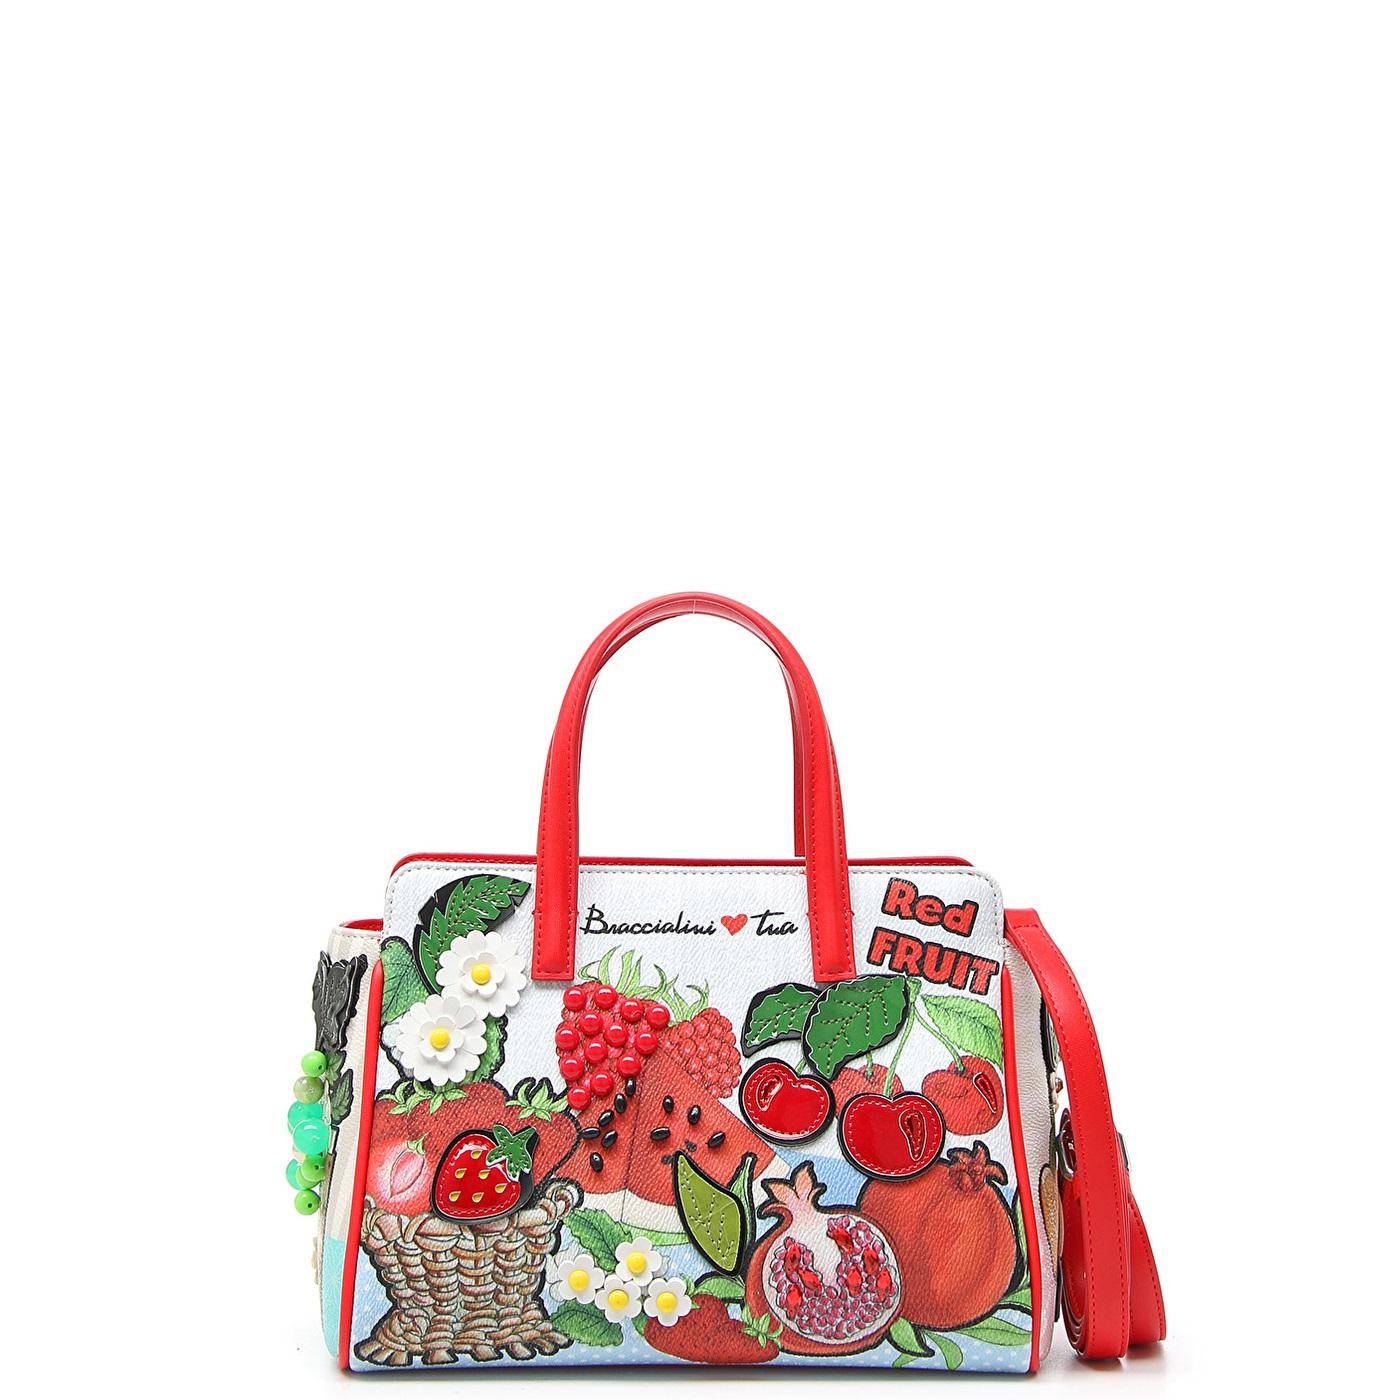 650cd4e7e653 Женская сумка Braccialini 12031 - цена 16700 руб, купить